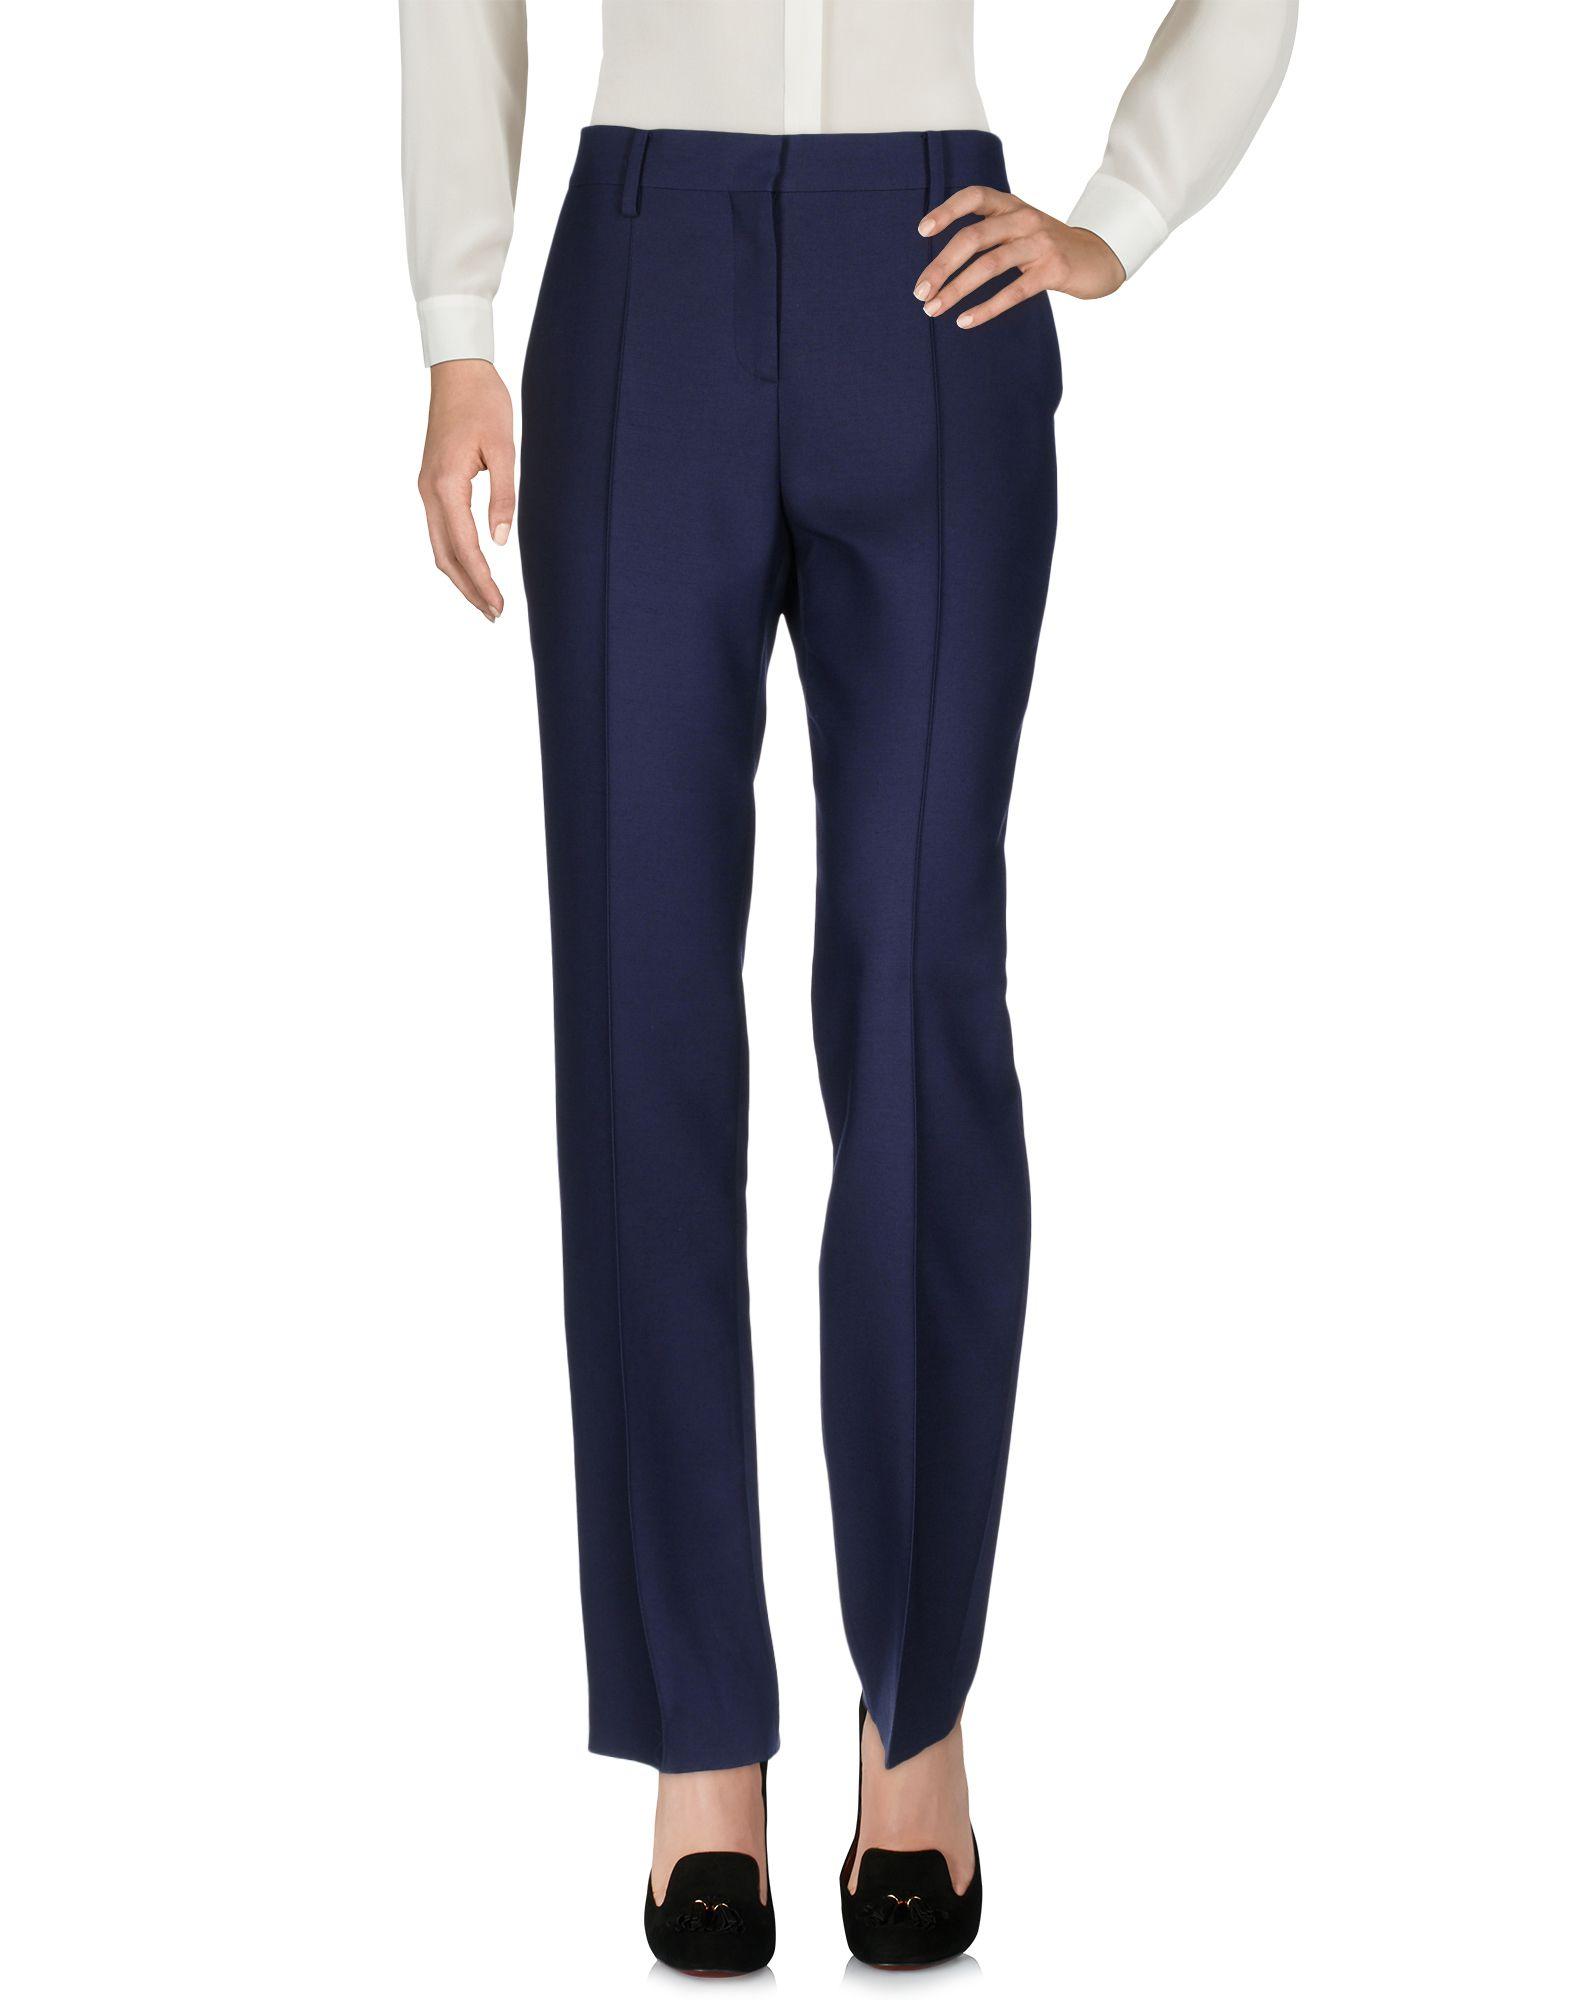 VALENTINO Damen Hose Farbe Blau Größe 4 jetztbilligerkaufen